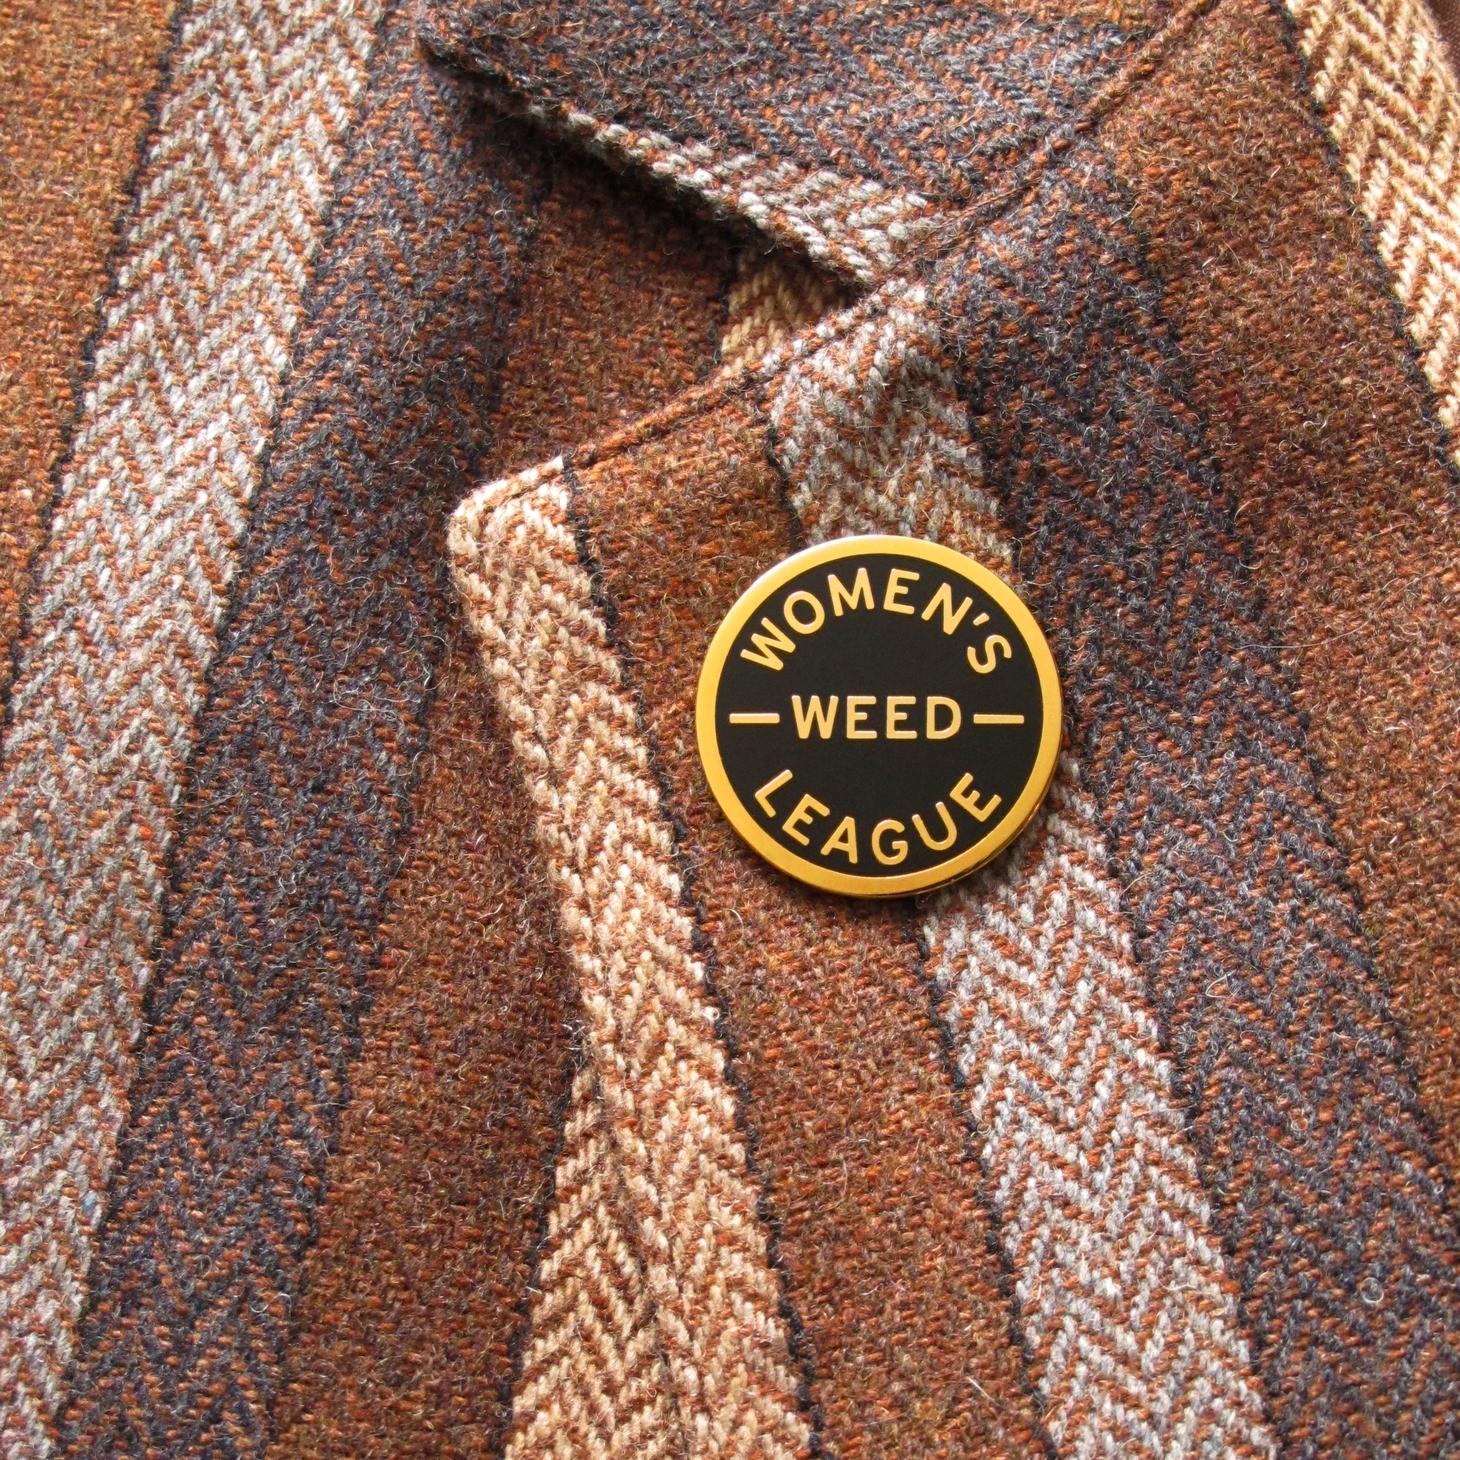 Women's Weed League Enamel Pin